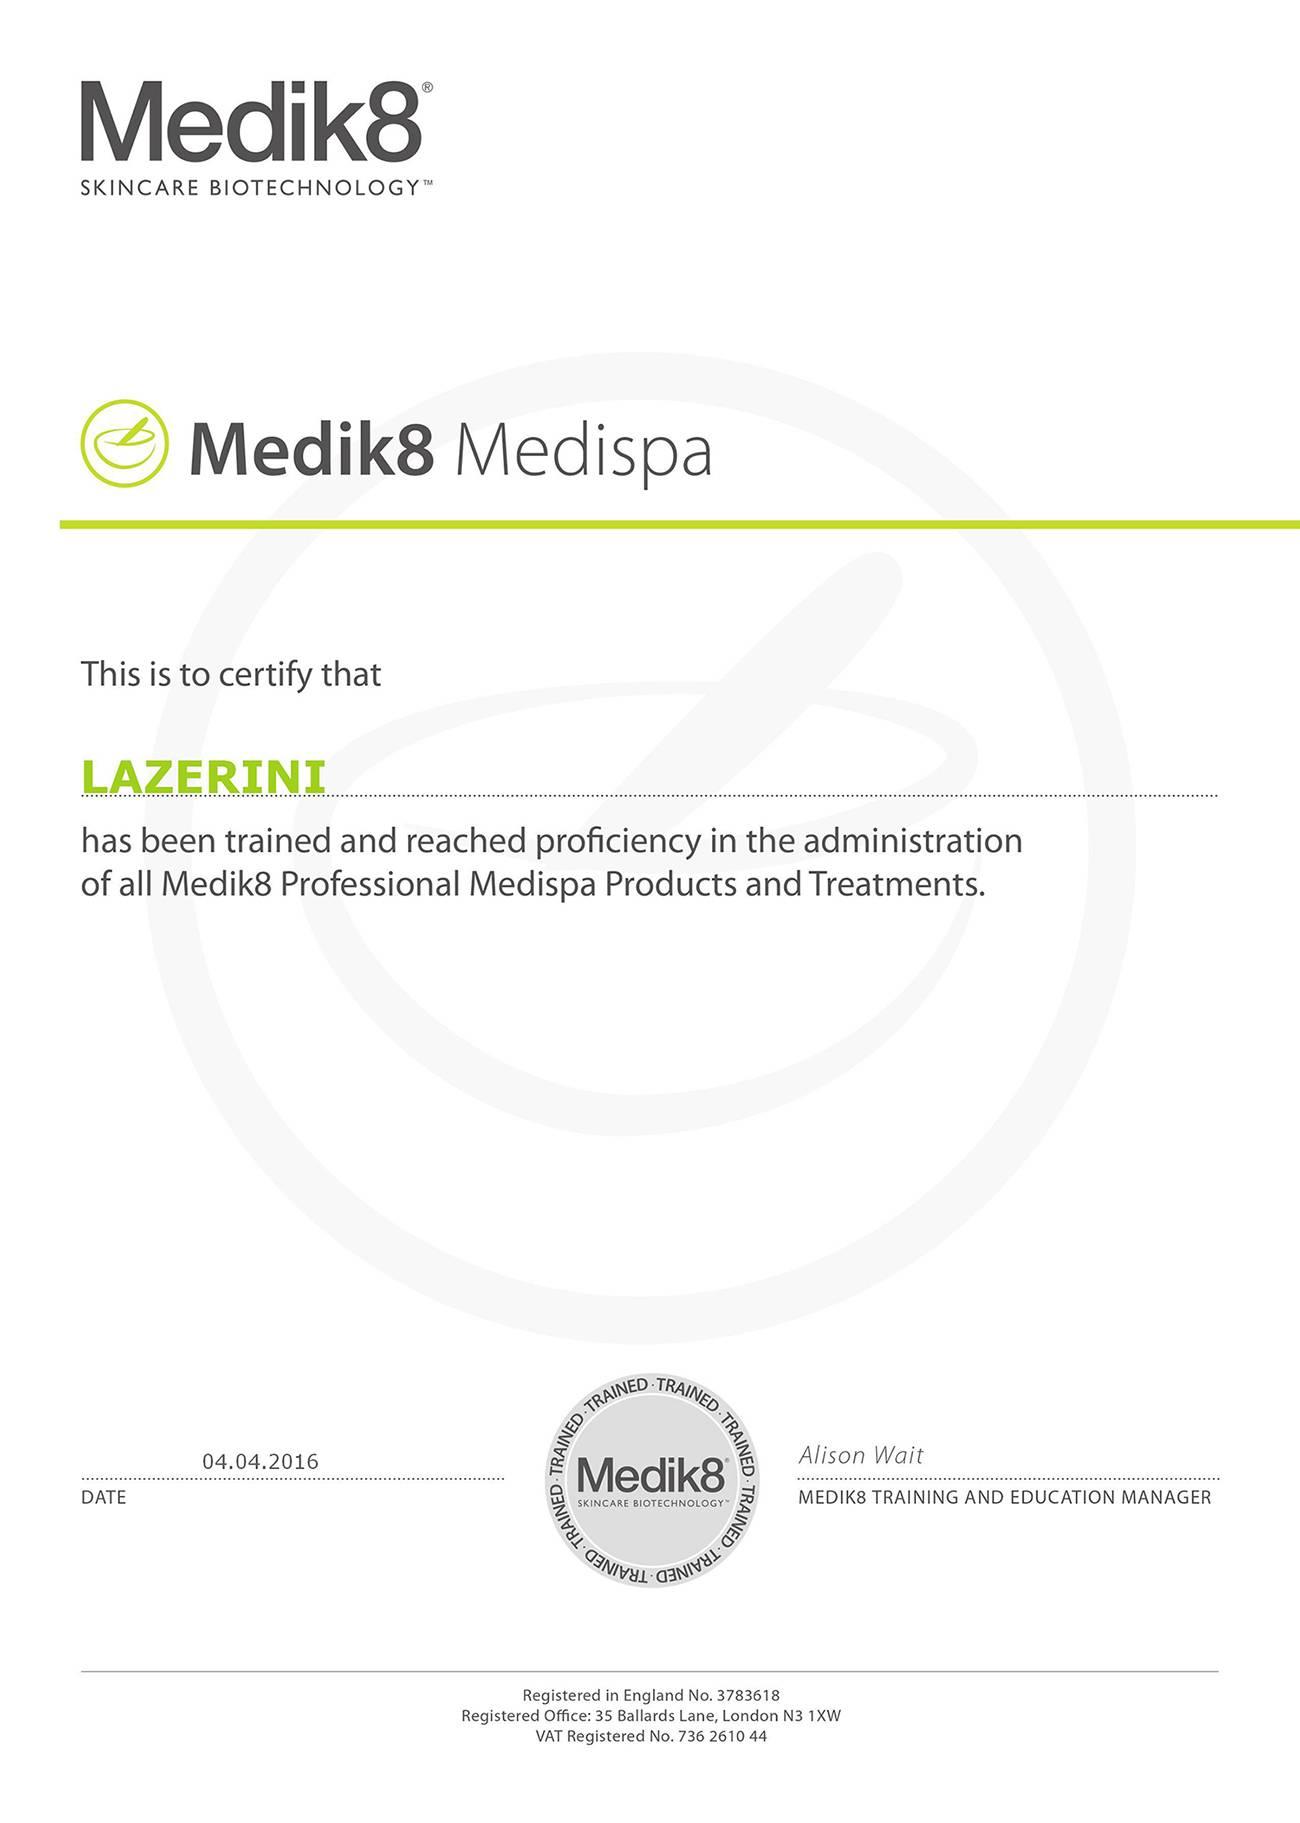 Сертификат medik8